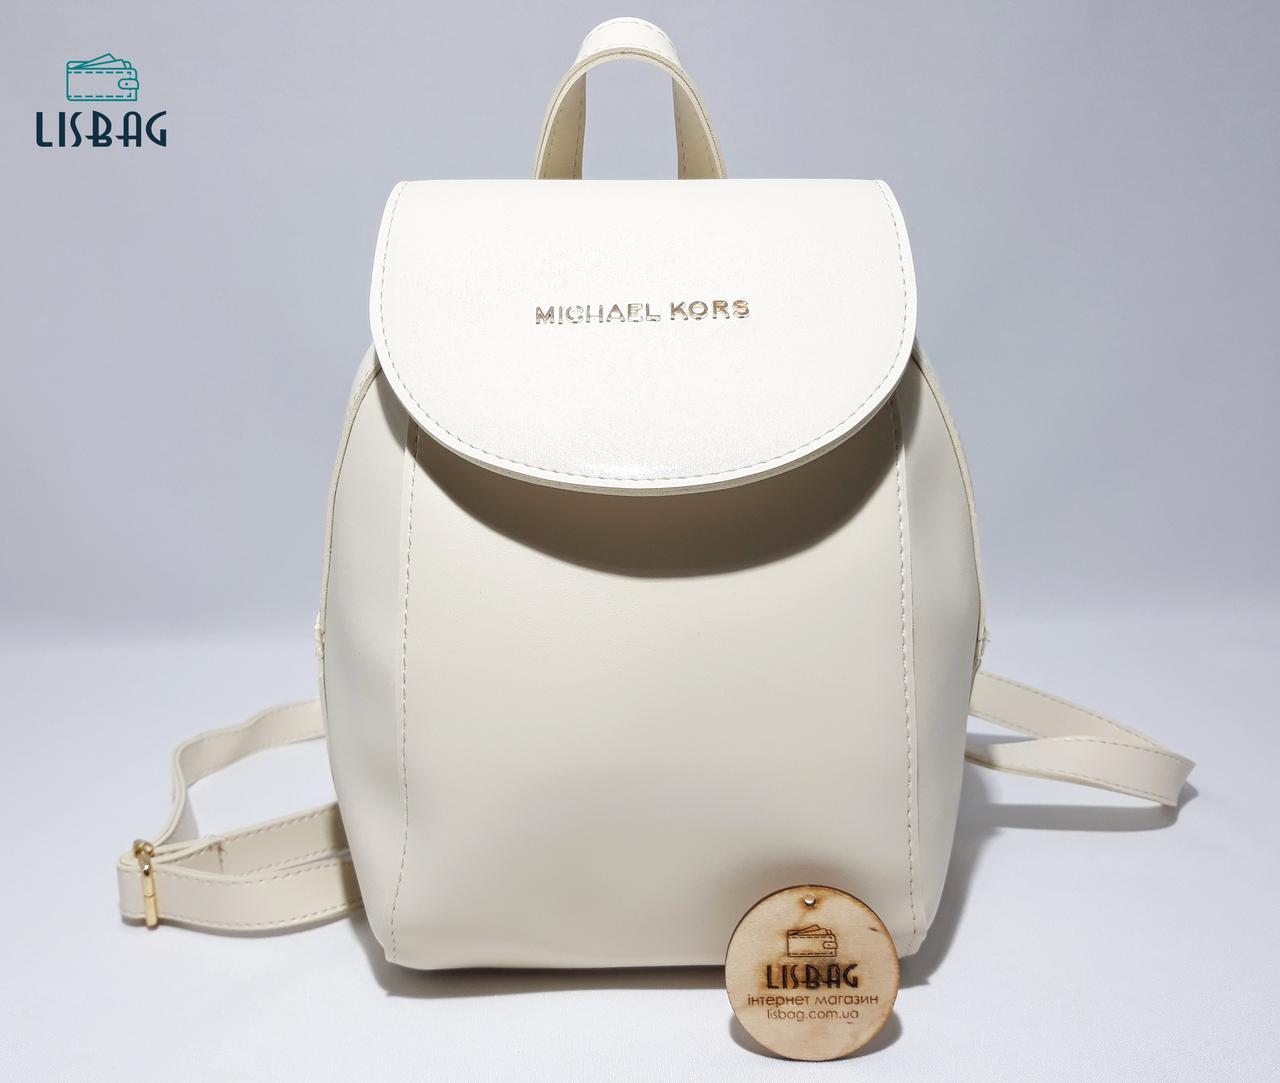 92b6cbb2dd48 Молочный мини рюкзак-сумка Michael Kors копия люкс качества эксклюзивный - Интернет  магазин Lisbag в